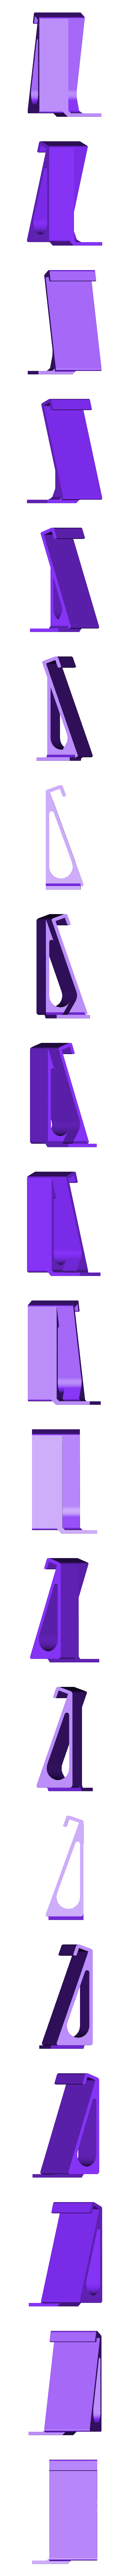 LeftMount.stl Télécharger fichier STL gratuit Support de tablette pour le Creality Ender 3 • Modèle pour impression 3D, Kliffom